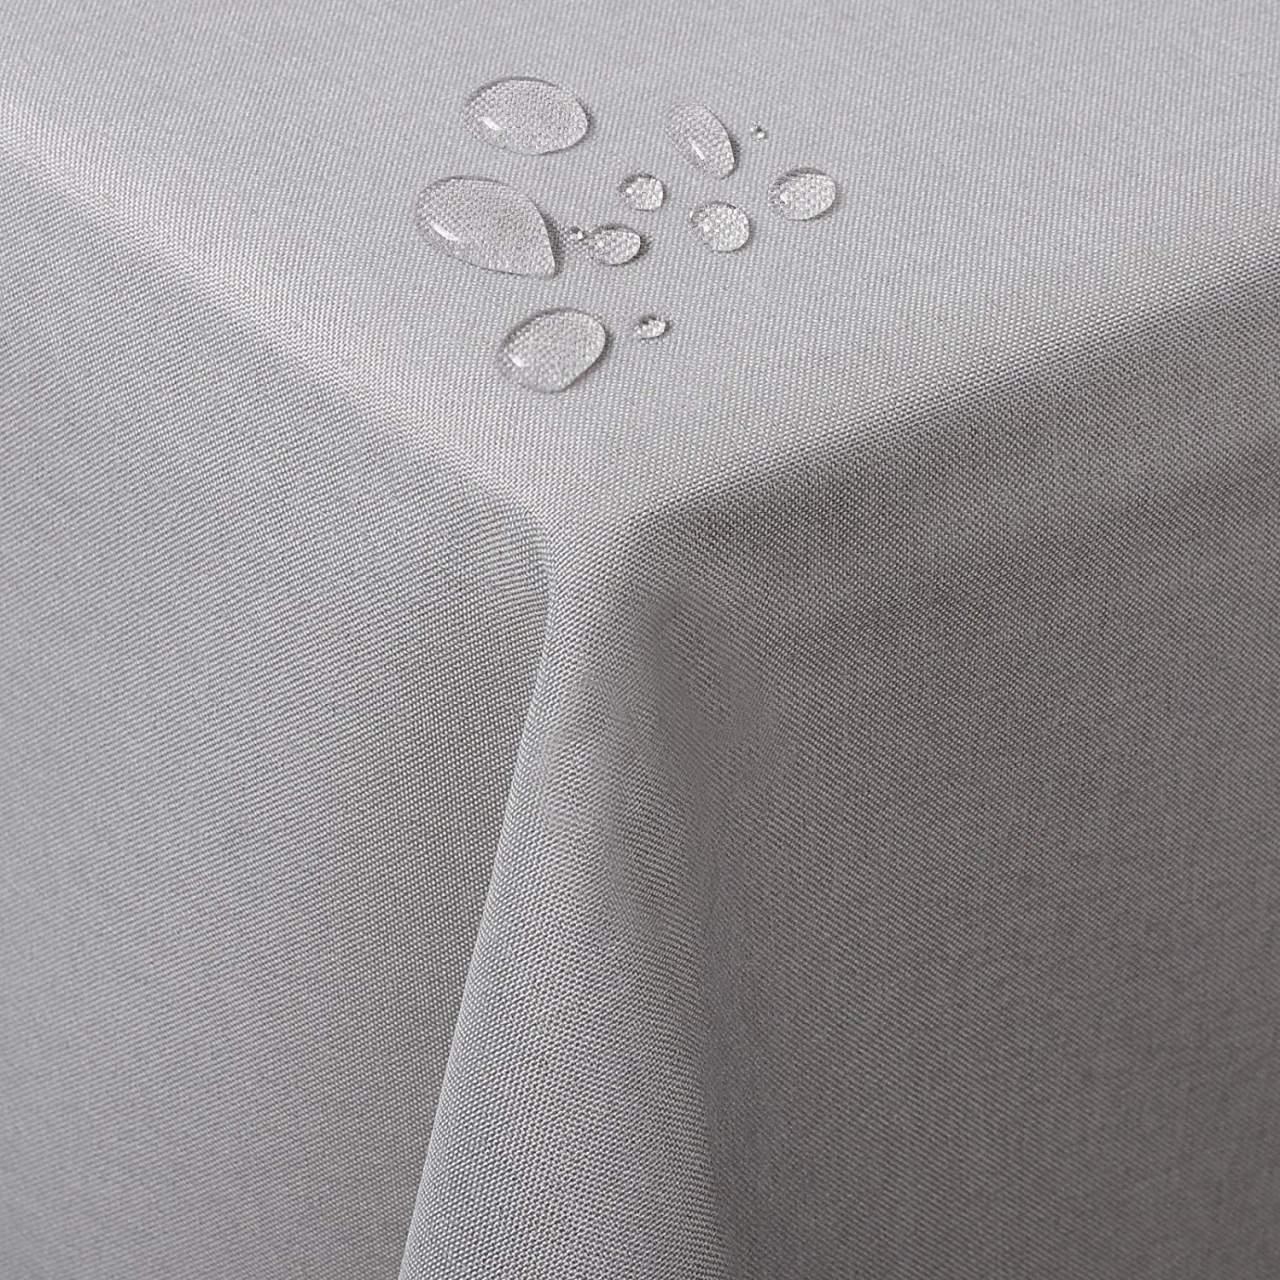 Mantel GRISCLARO Rectangular 1,2x1,7m [porconfeccionar] [listoen5·7días]